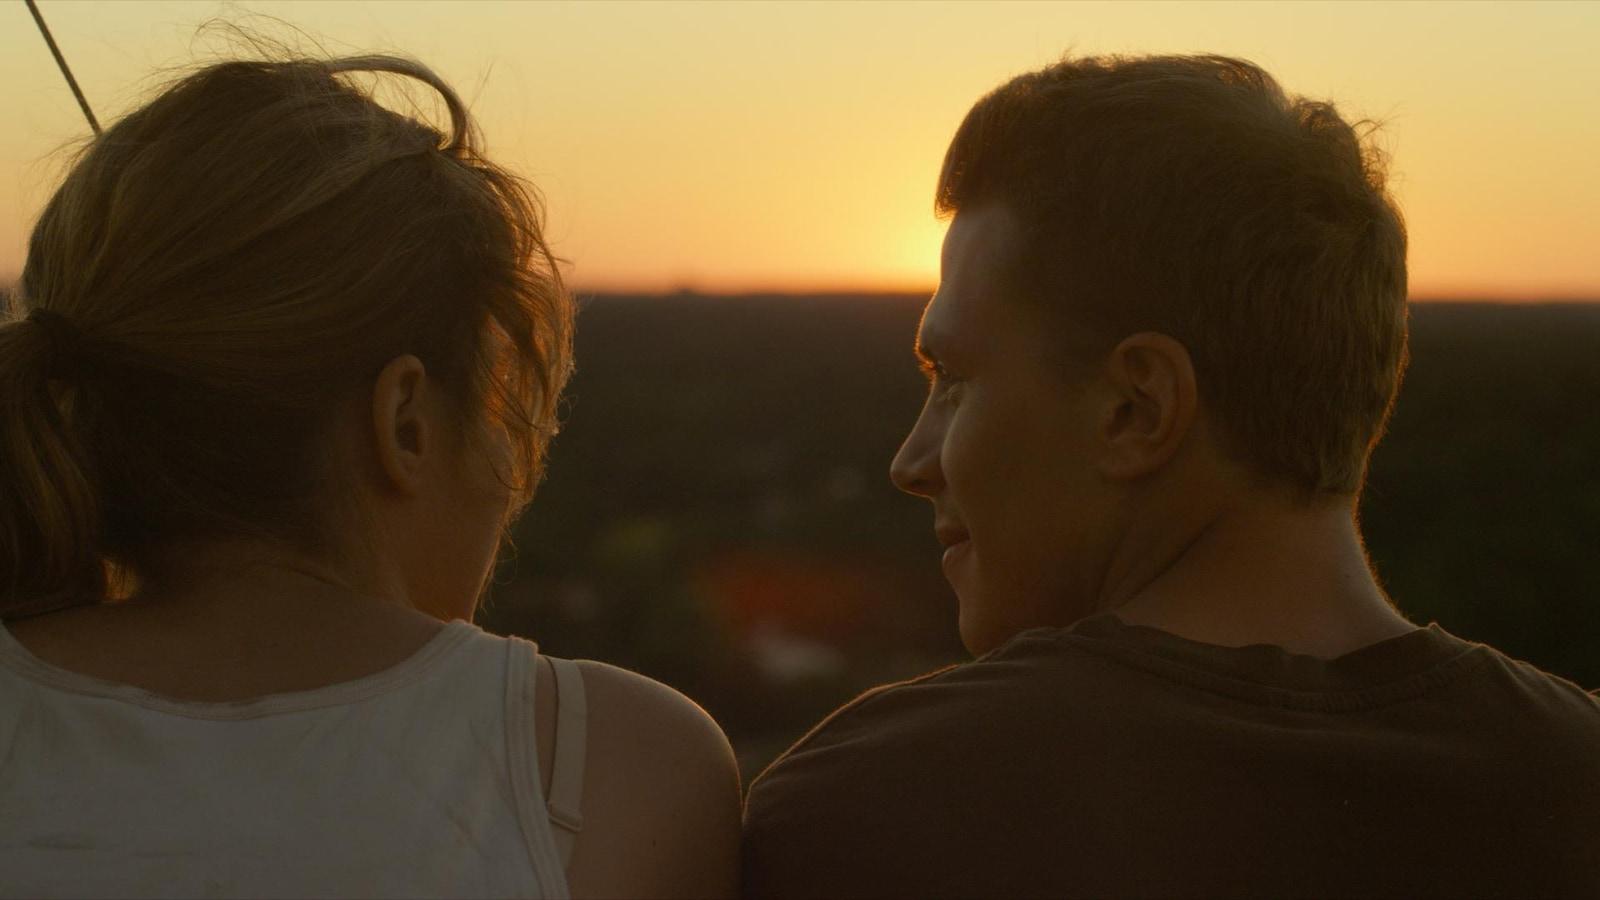 Une jeune femme et un jeune homme de dos, devant le soleil couchant.